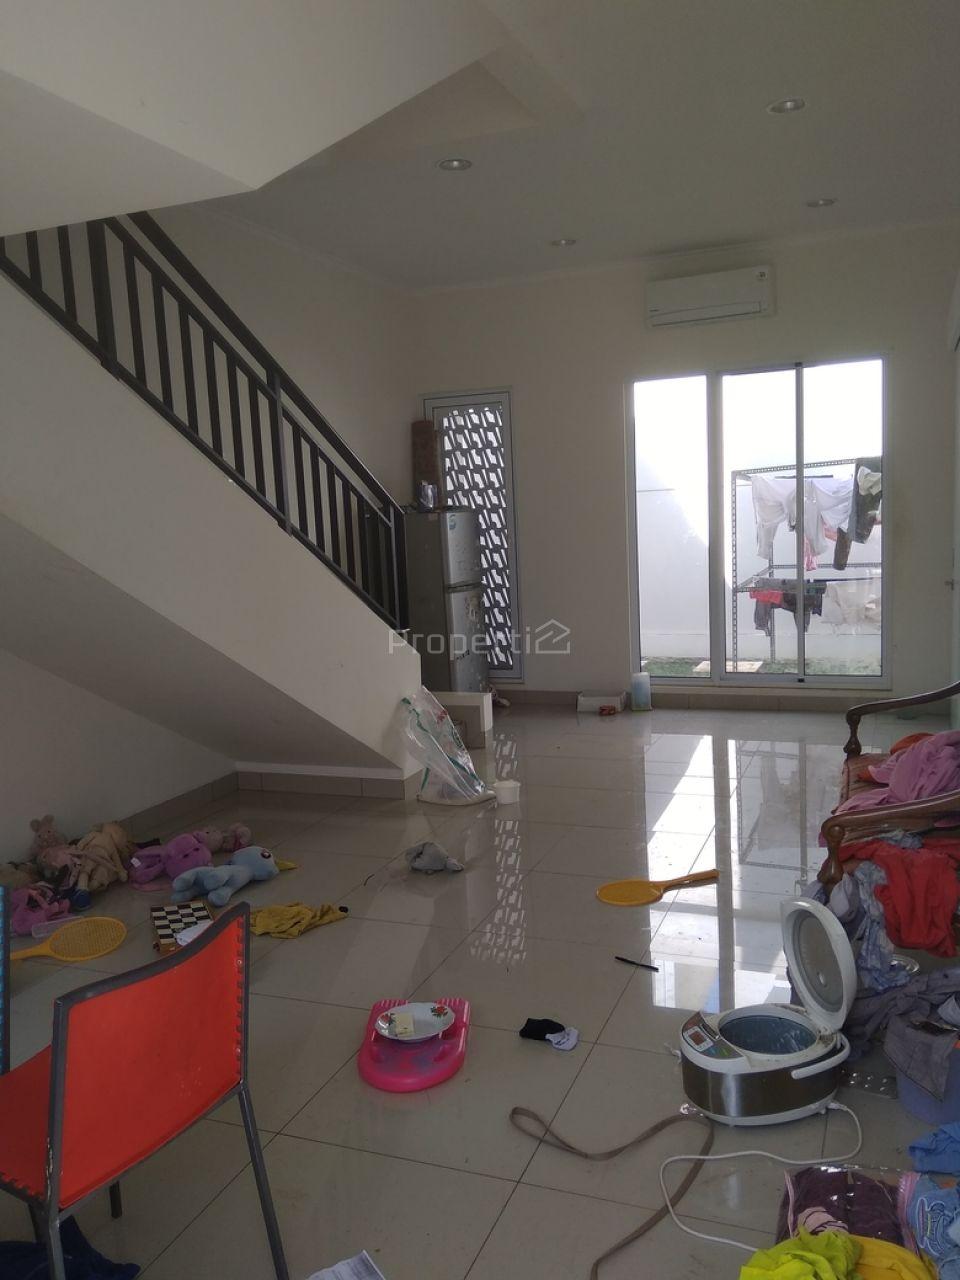 New House in Amanda Cluster at Summarecon Bandung, Jawa Barat